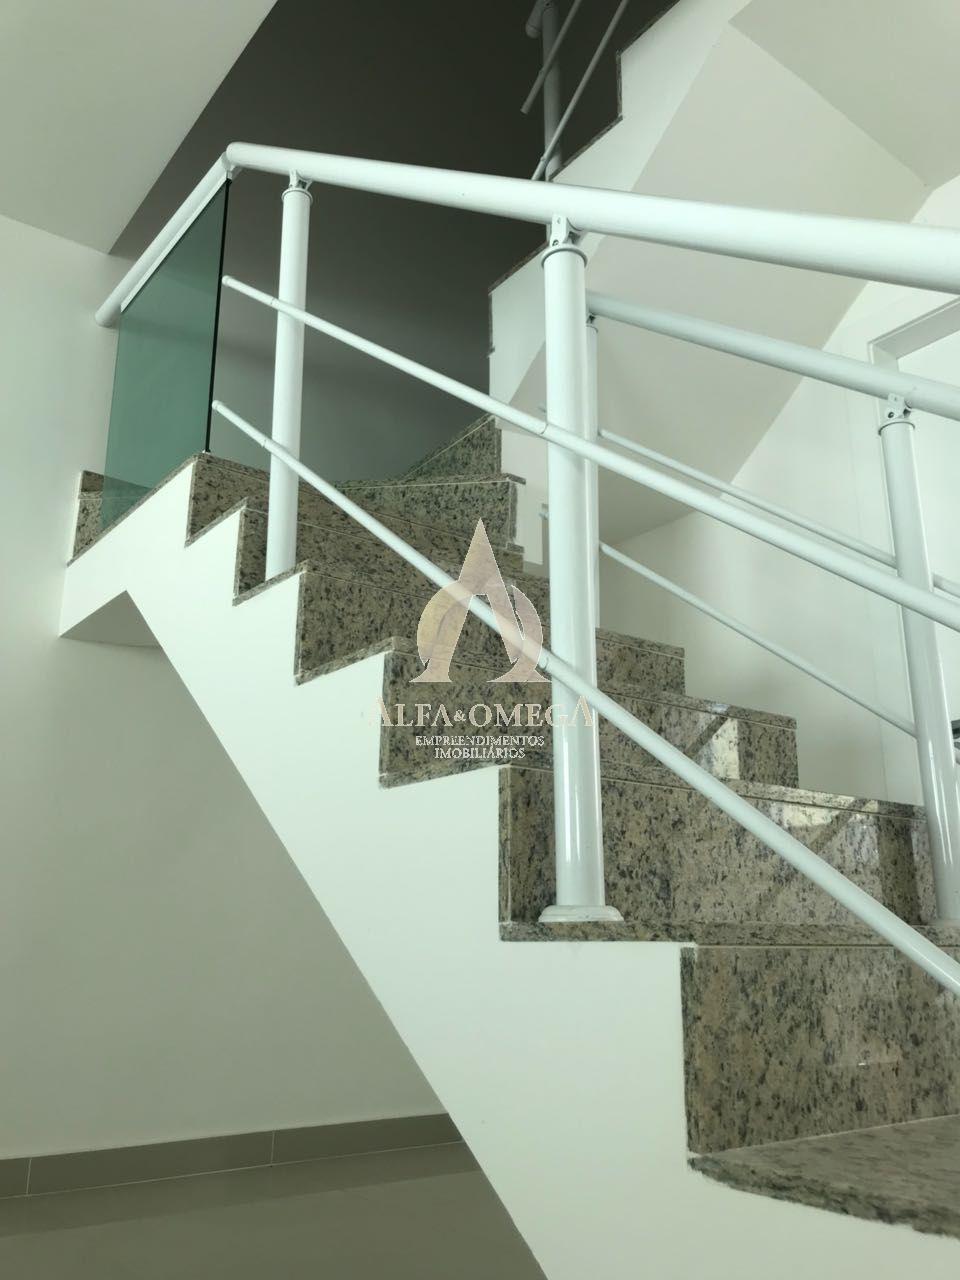 FOTO 5 - Casa Taquara, Rio de Janeiro, RJ À Venda, 3 Quartos, 120m² - AOJ60015 - 5